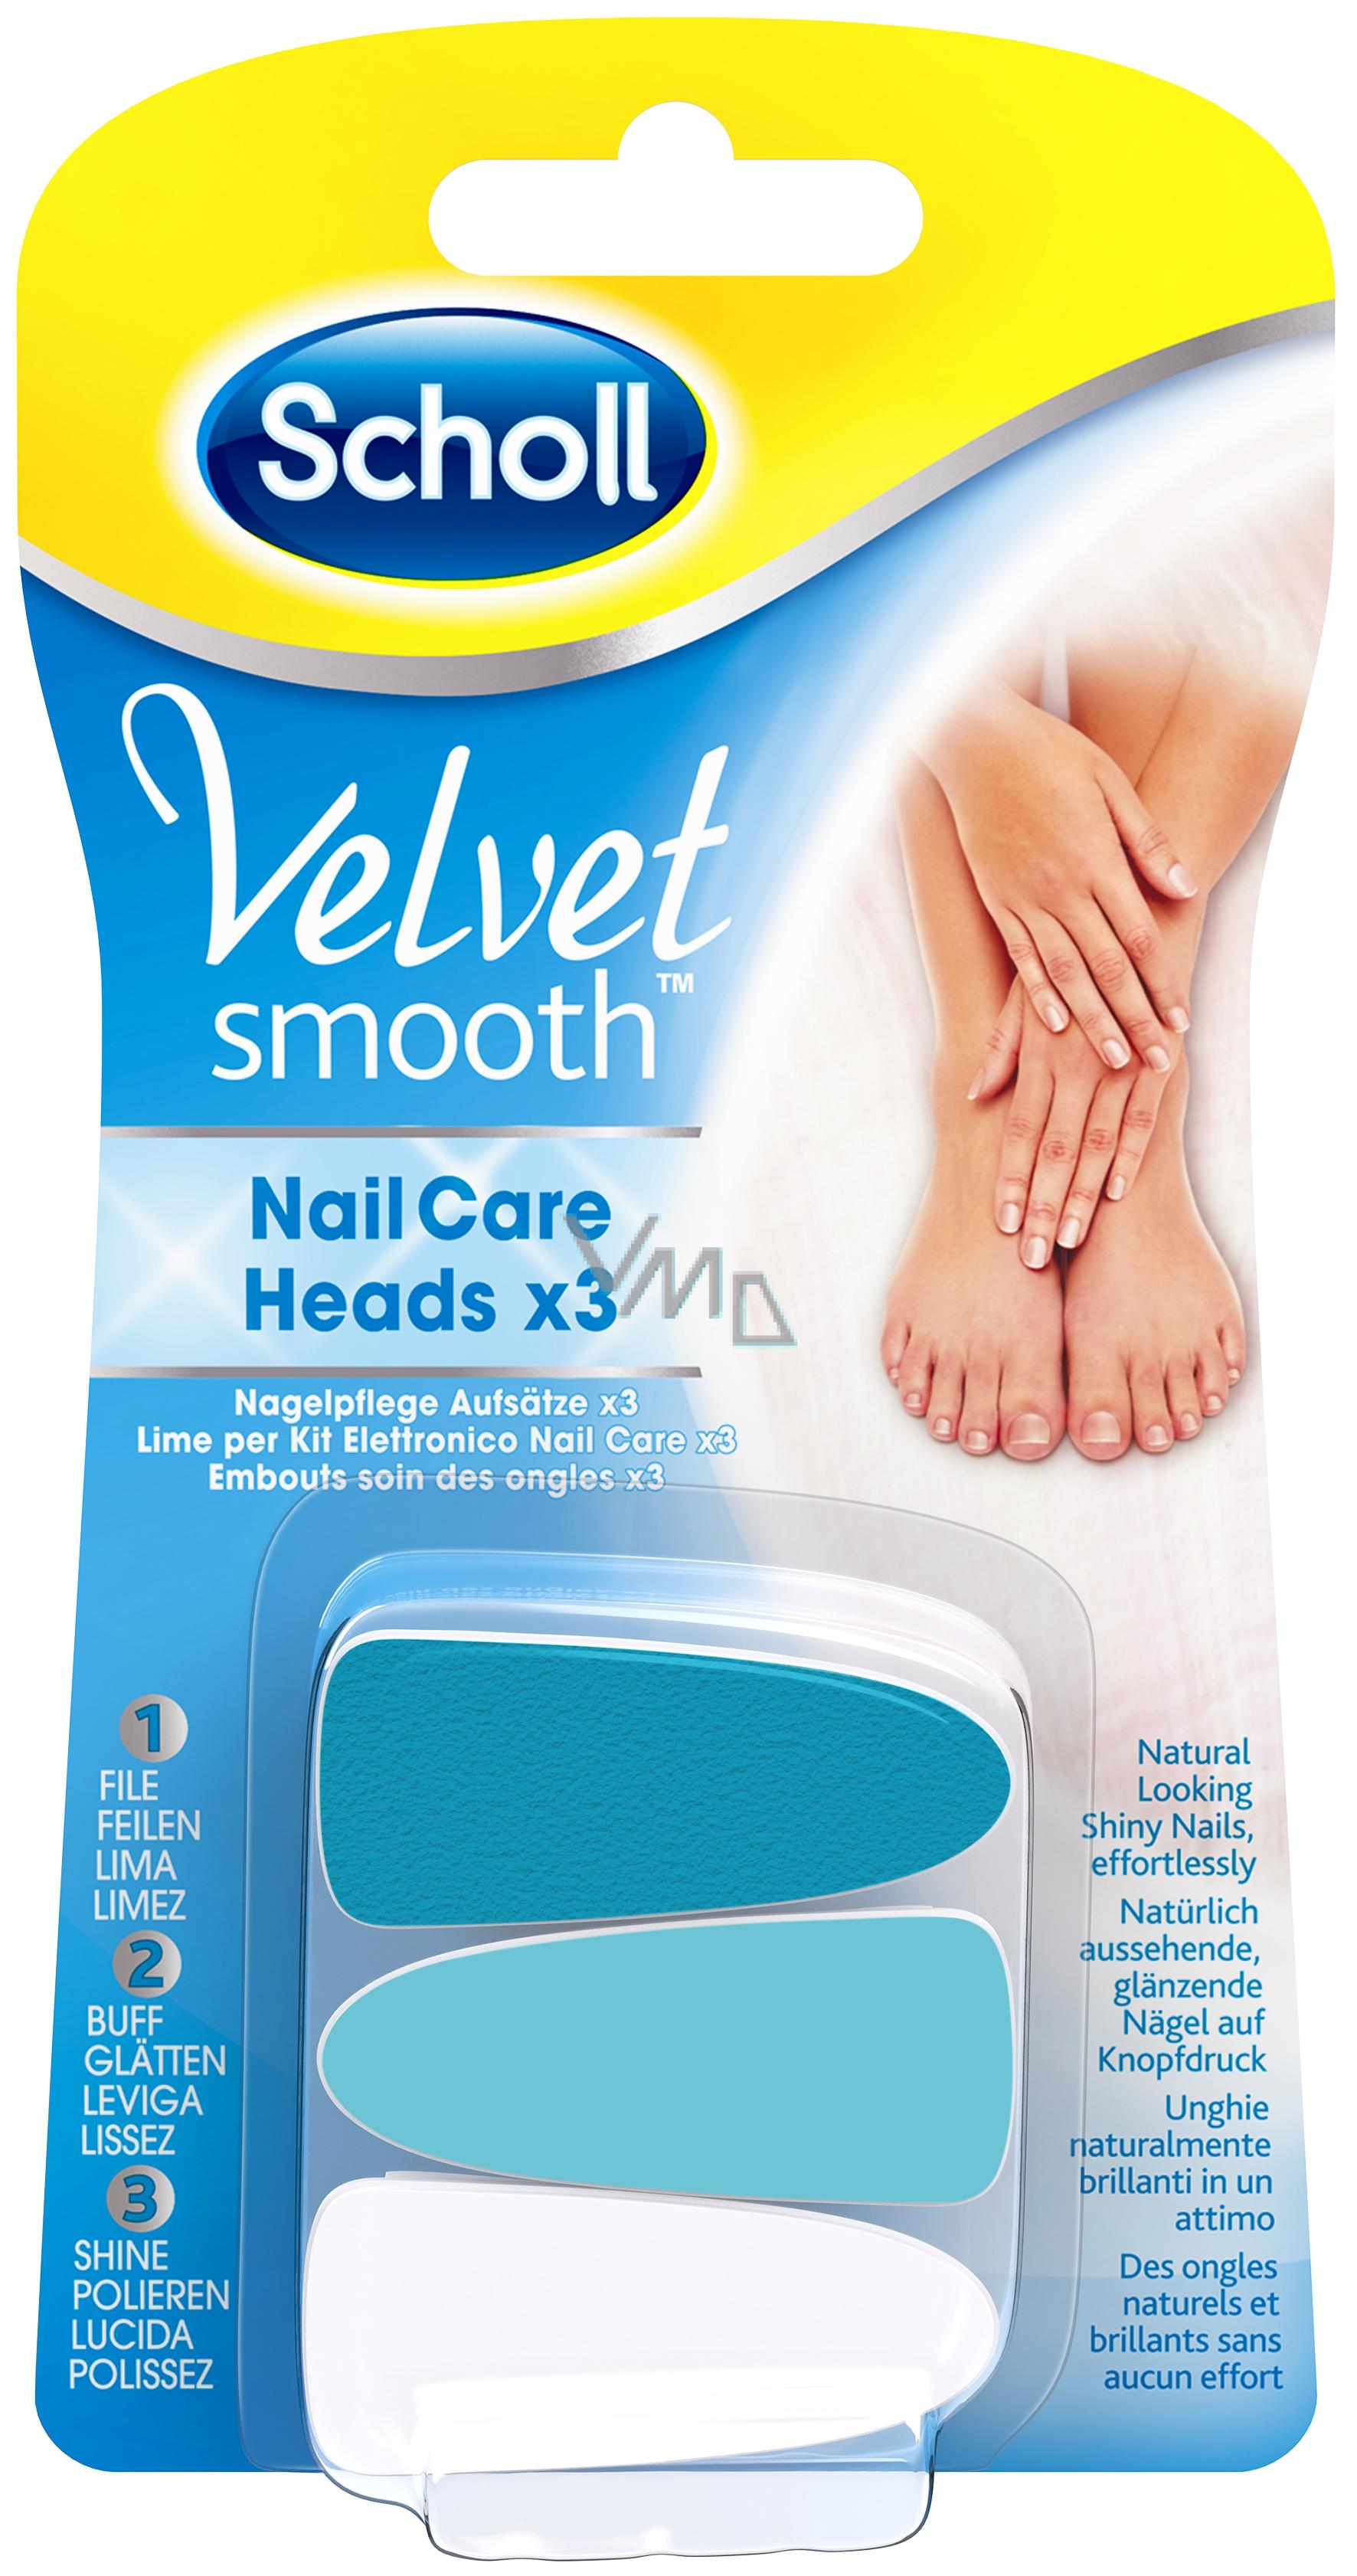 Scholl Velvet Smooth Blue Nahradni Hlavice Do Elektrickeho Pilniku Na Nehty 3 Kusy Vmd Drogerie A Parfumerie